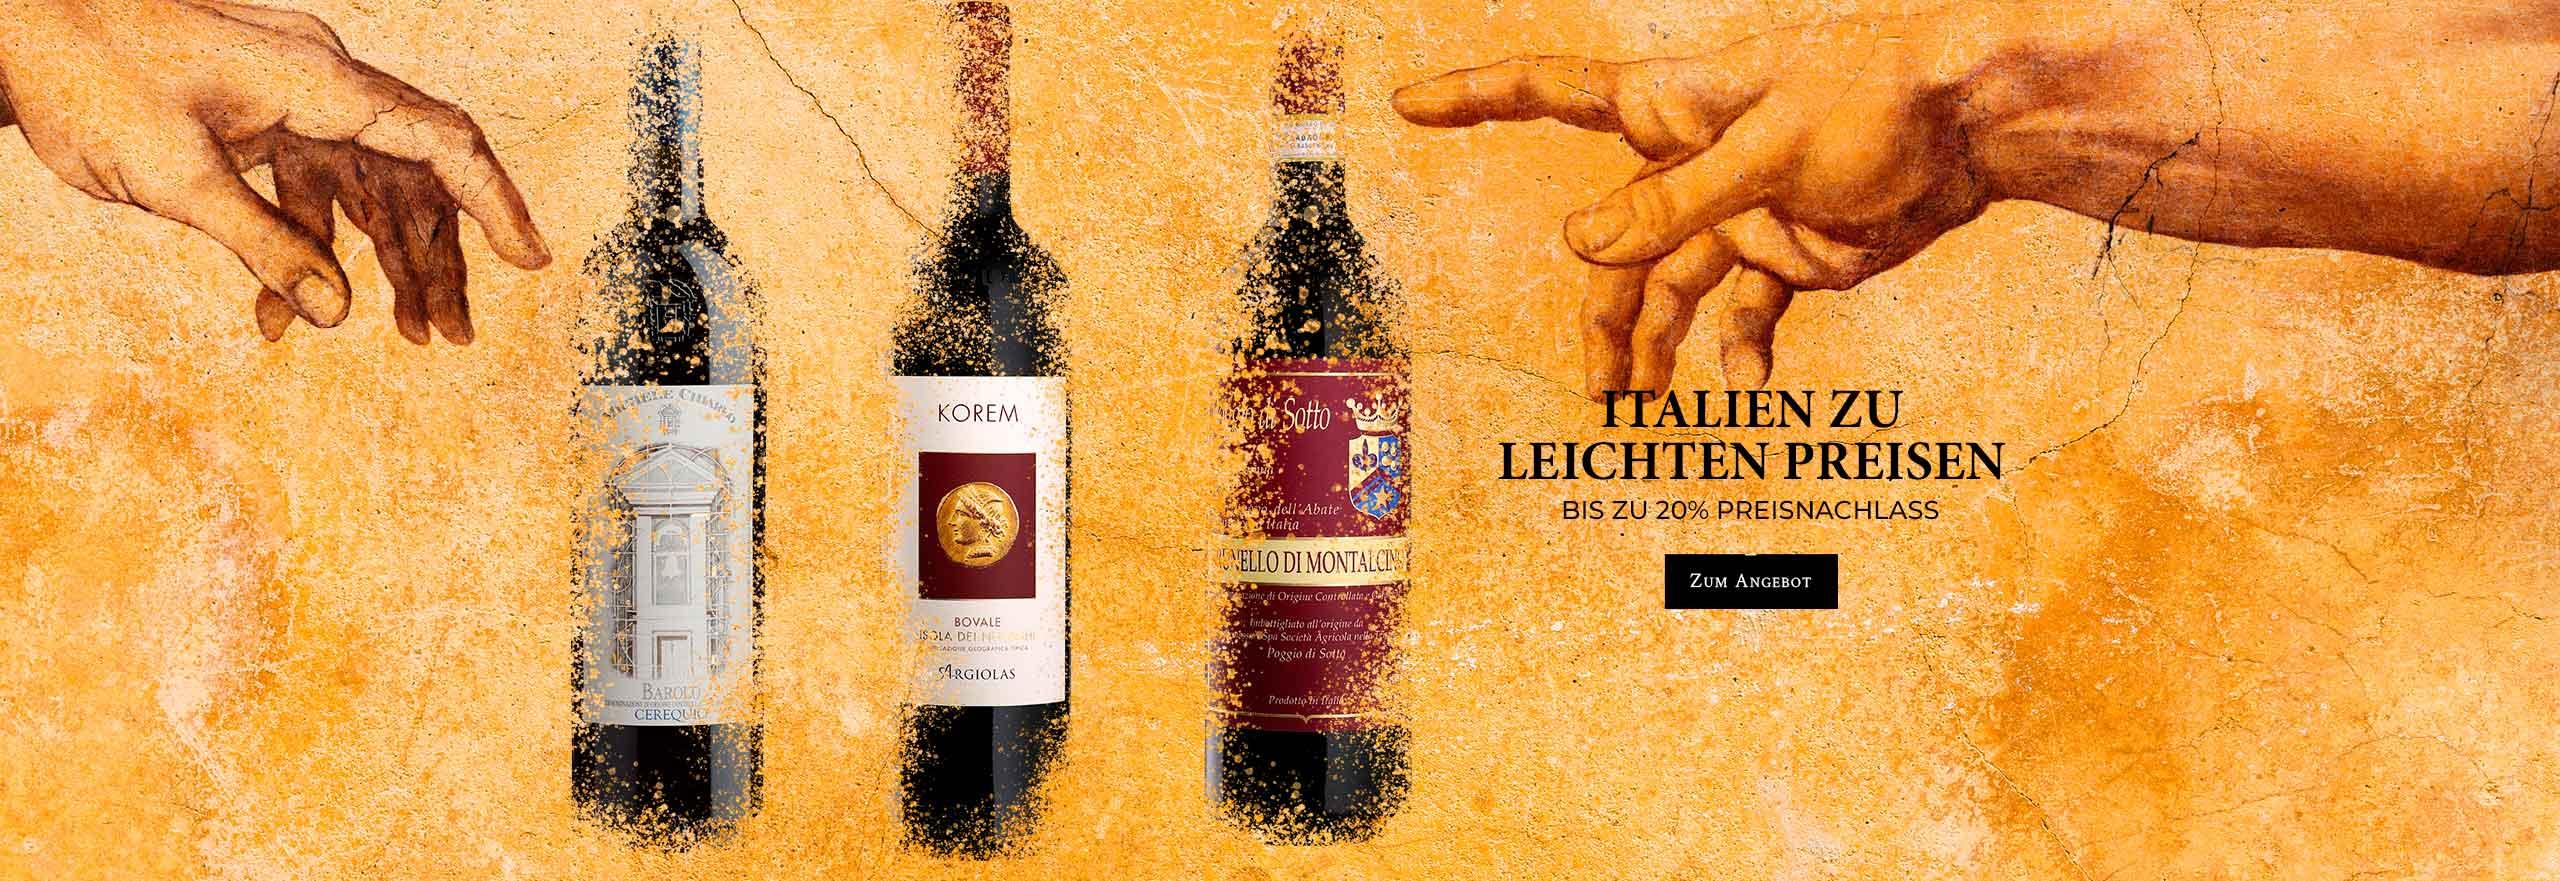 Bis zu 20% Preisnachlass auf über 70 italienische Weine!